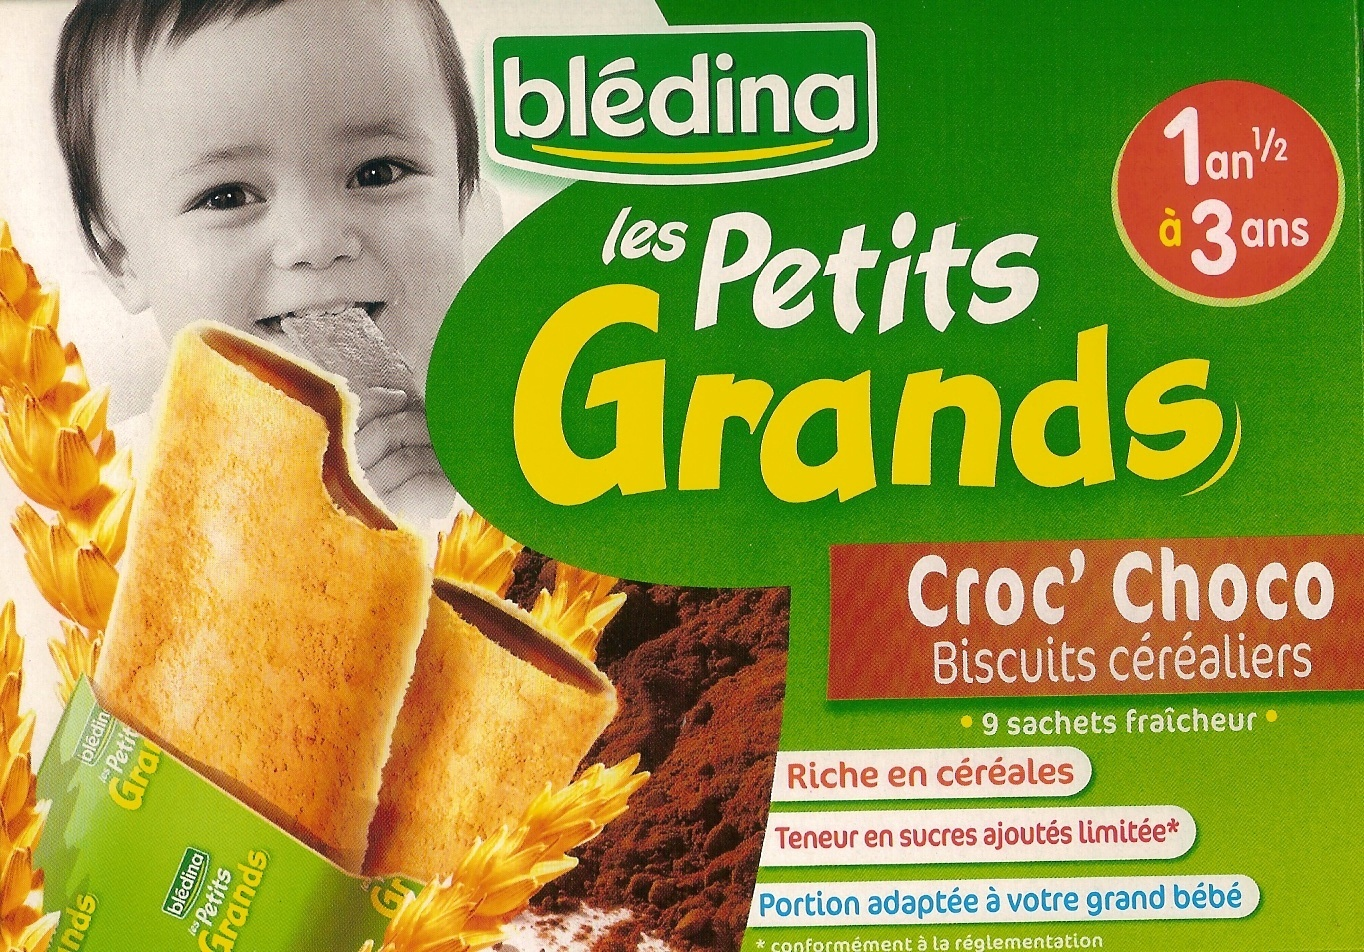 Les Petits Grands - Croc' Choco - Product - fr